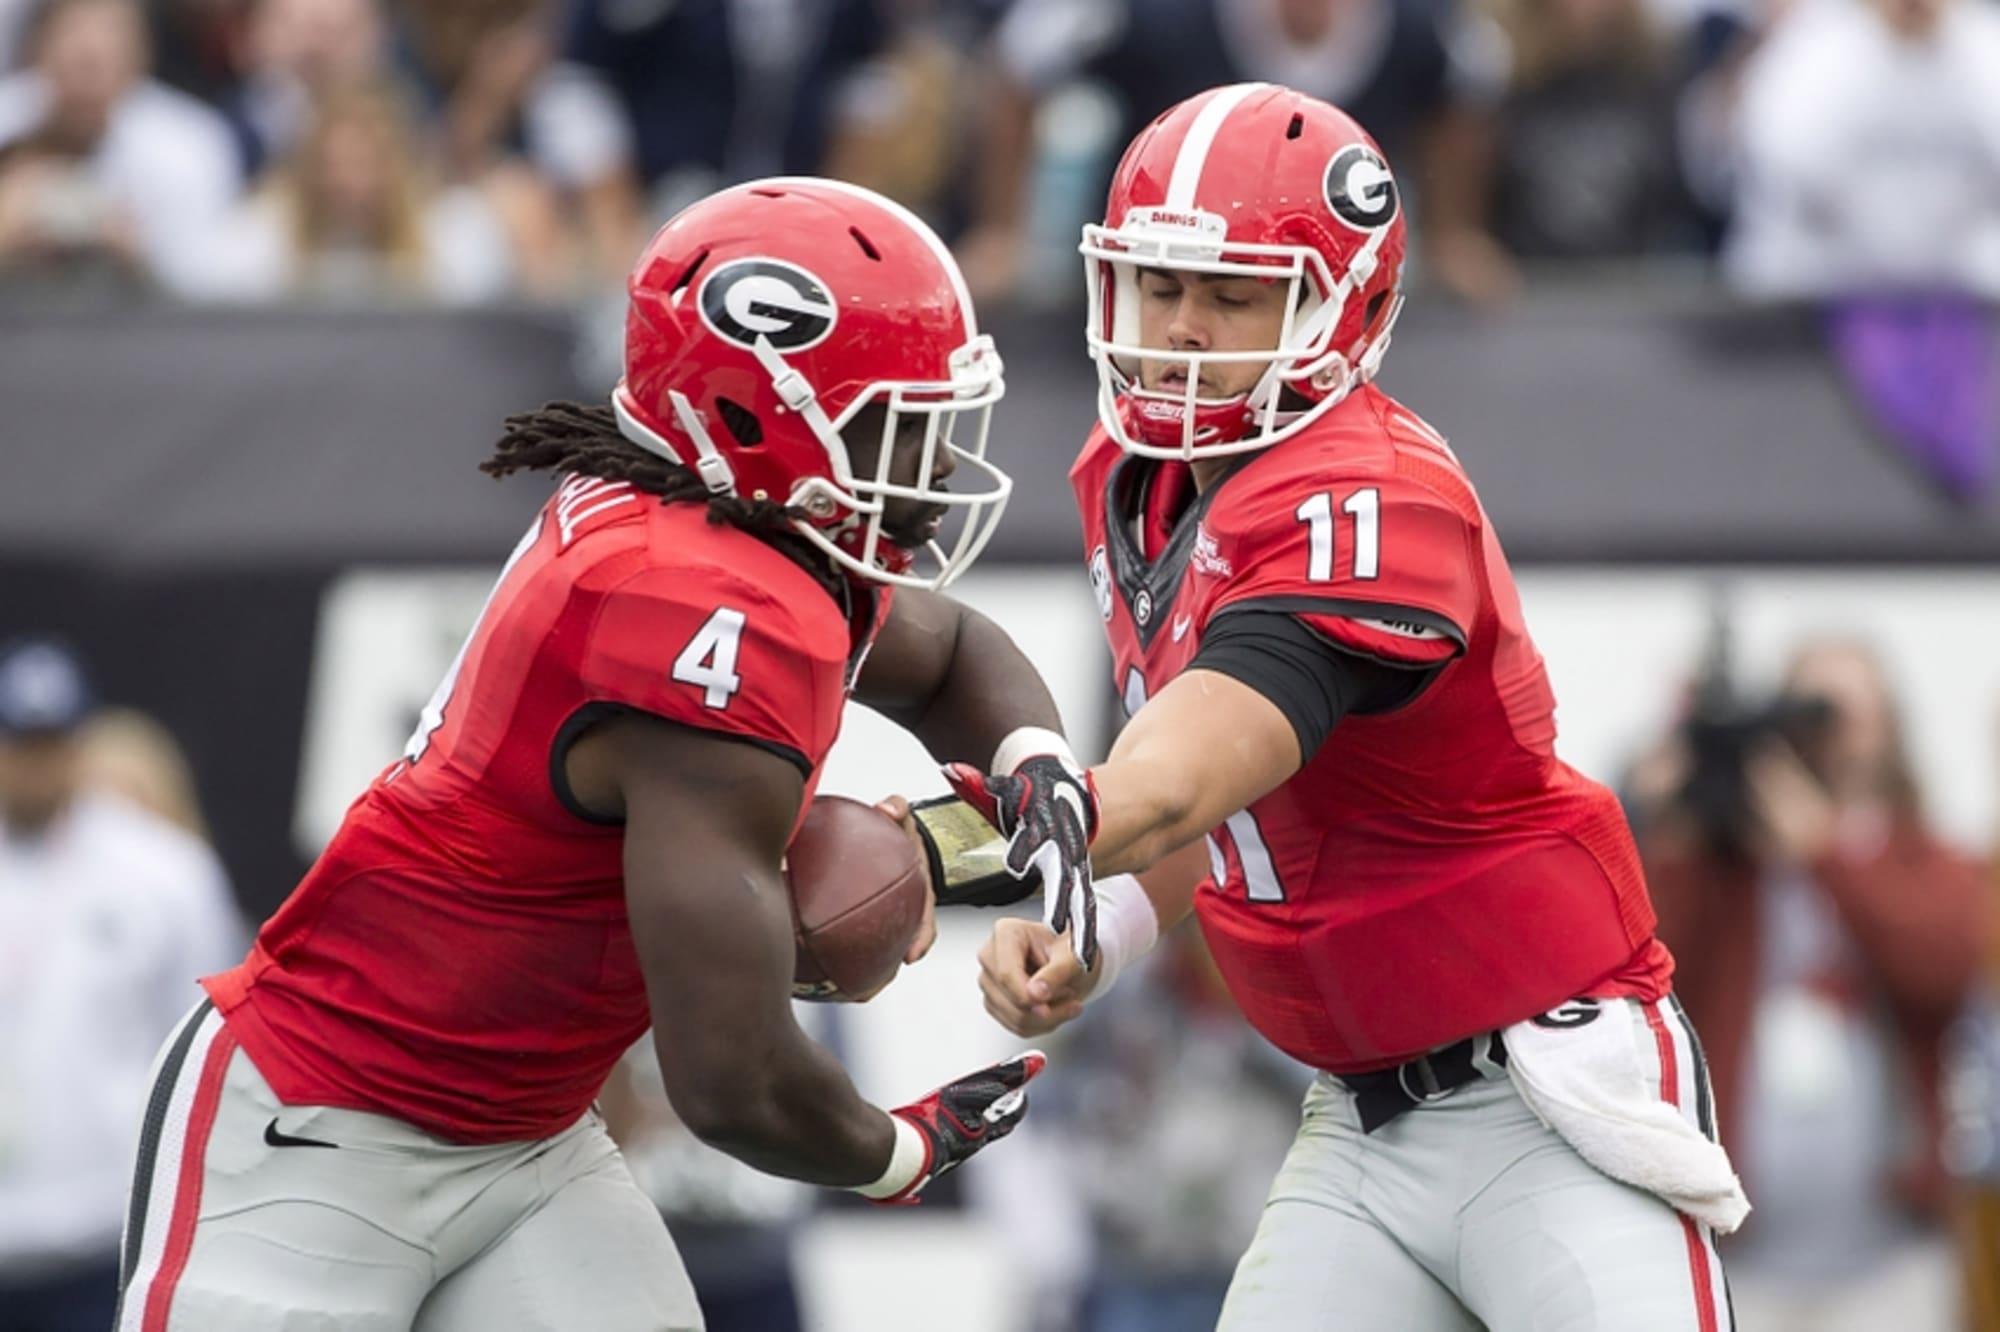 Georgia Football Signs Second 2016 Quarterback